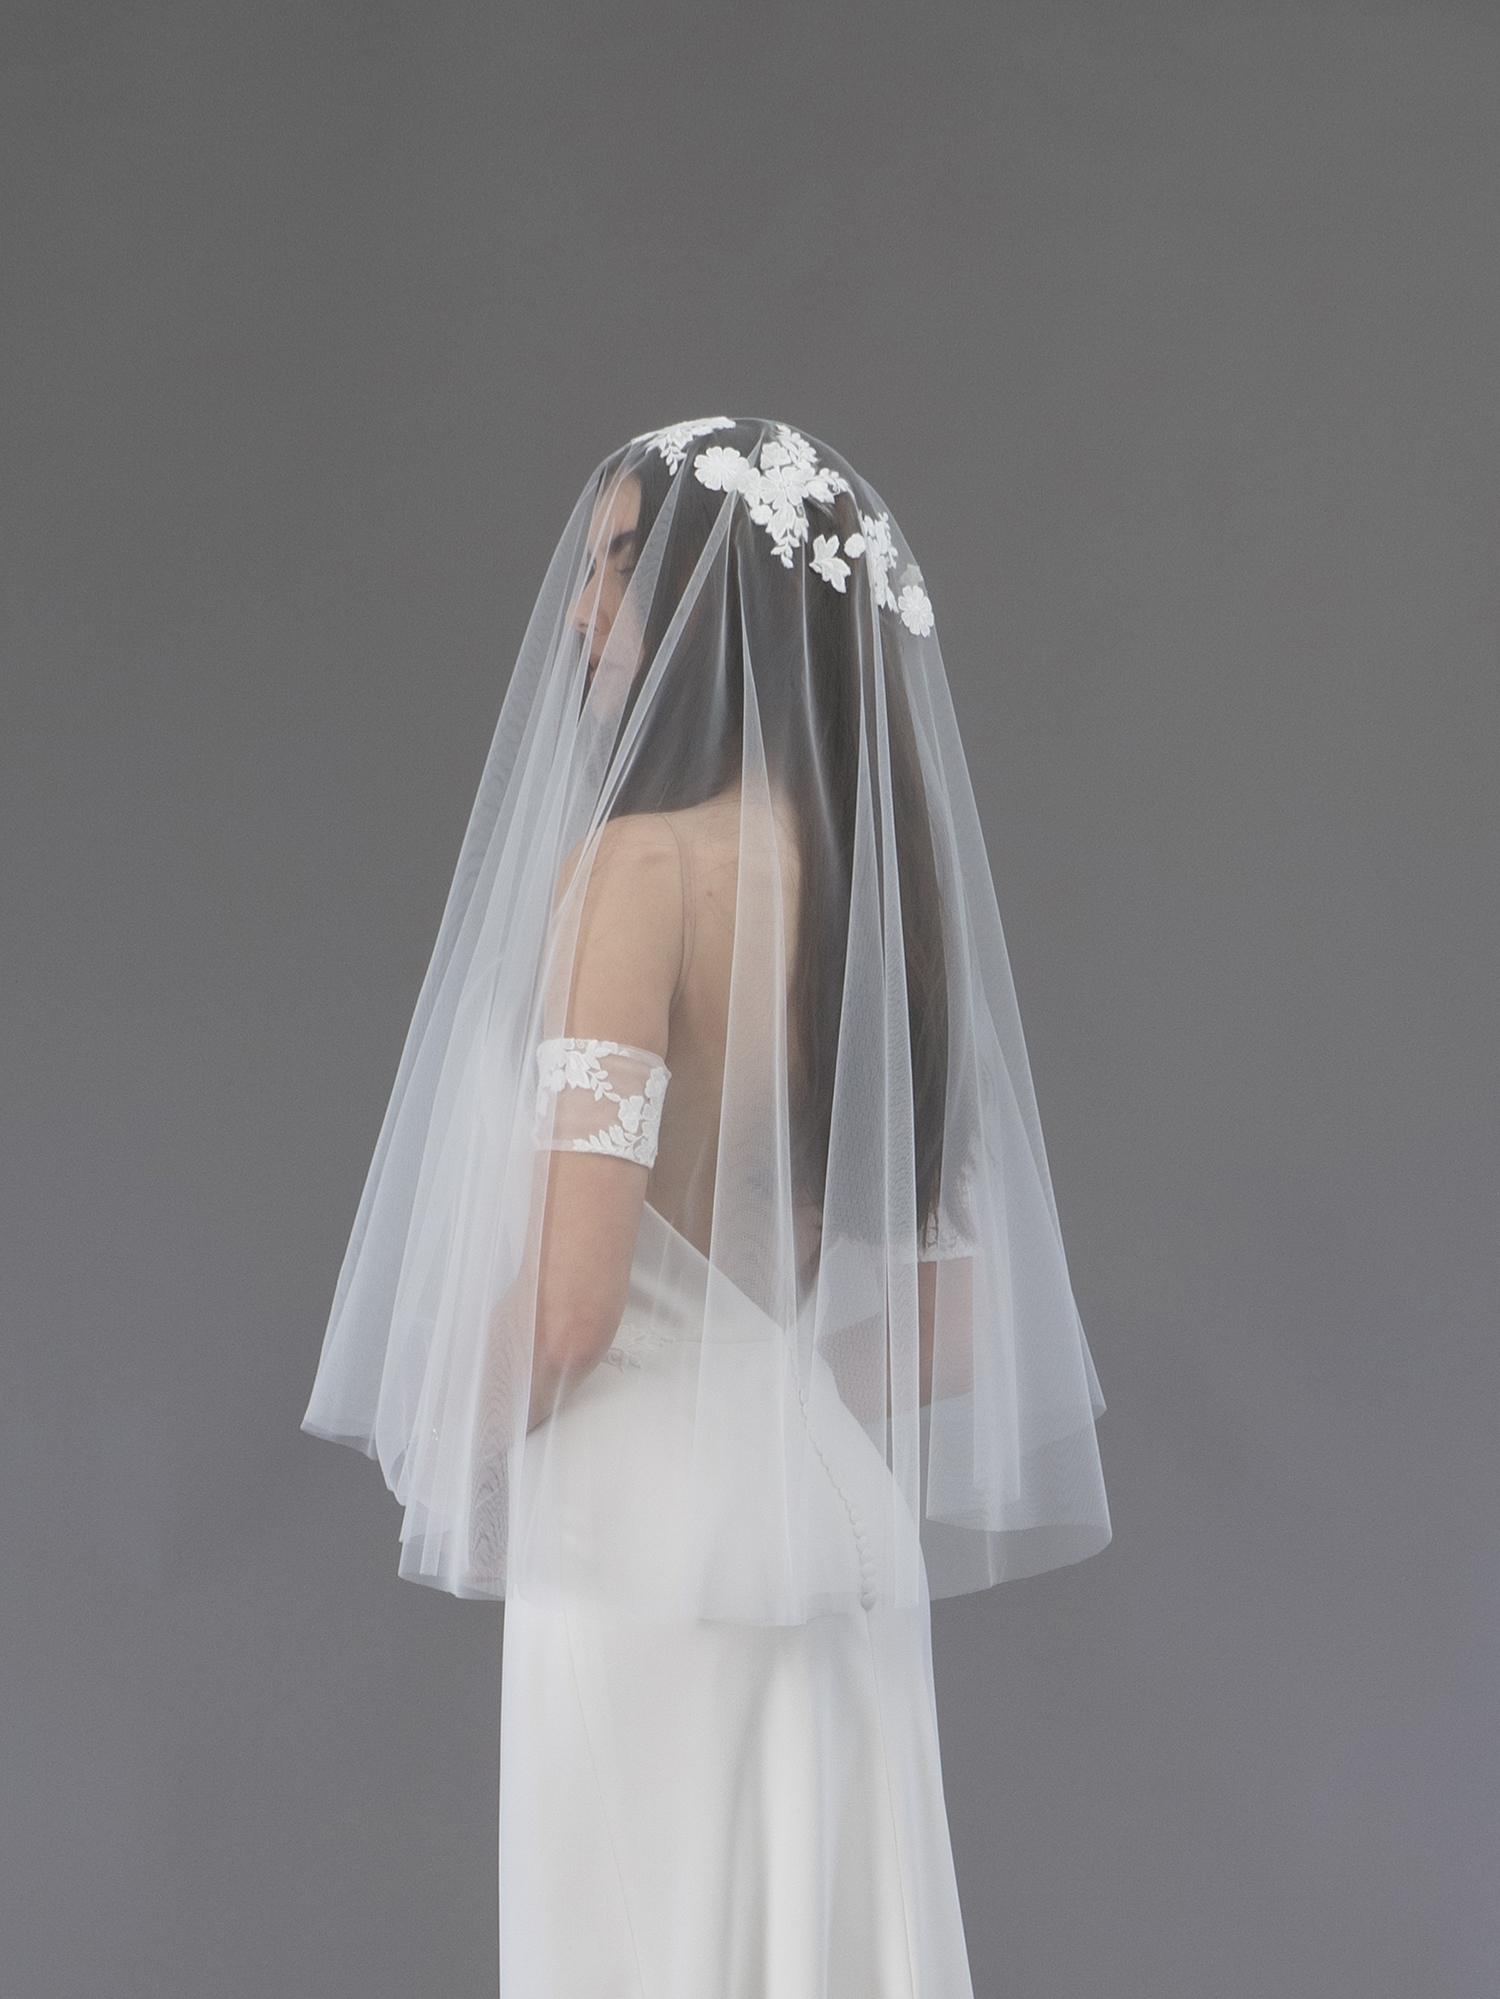 Accessoire de robe de mariée à Marseille par Belle en soie Couture | voile Magnolia